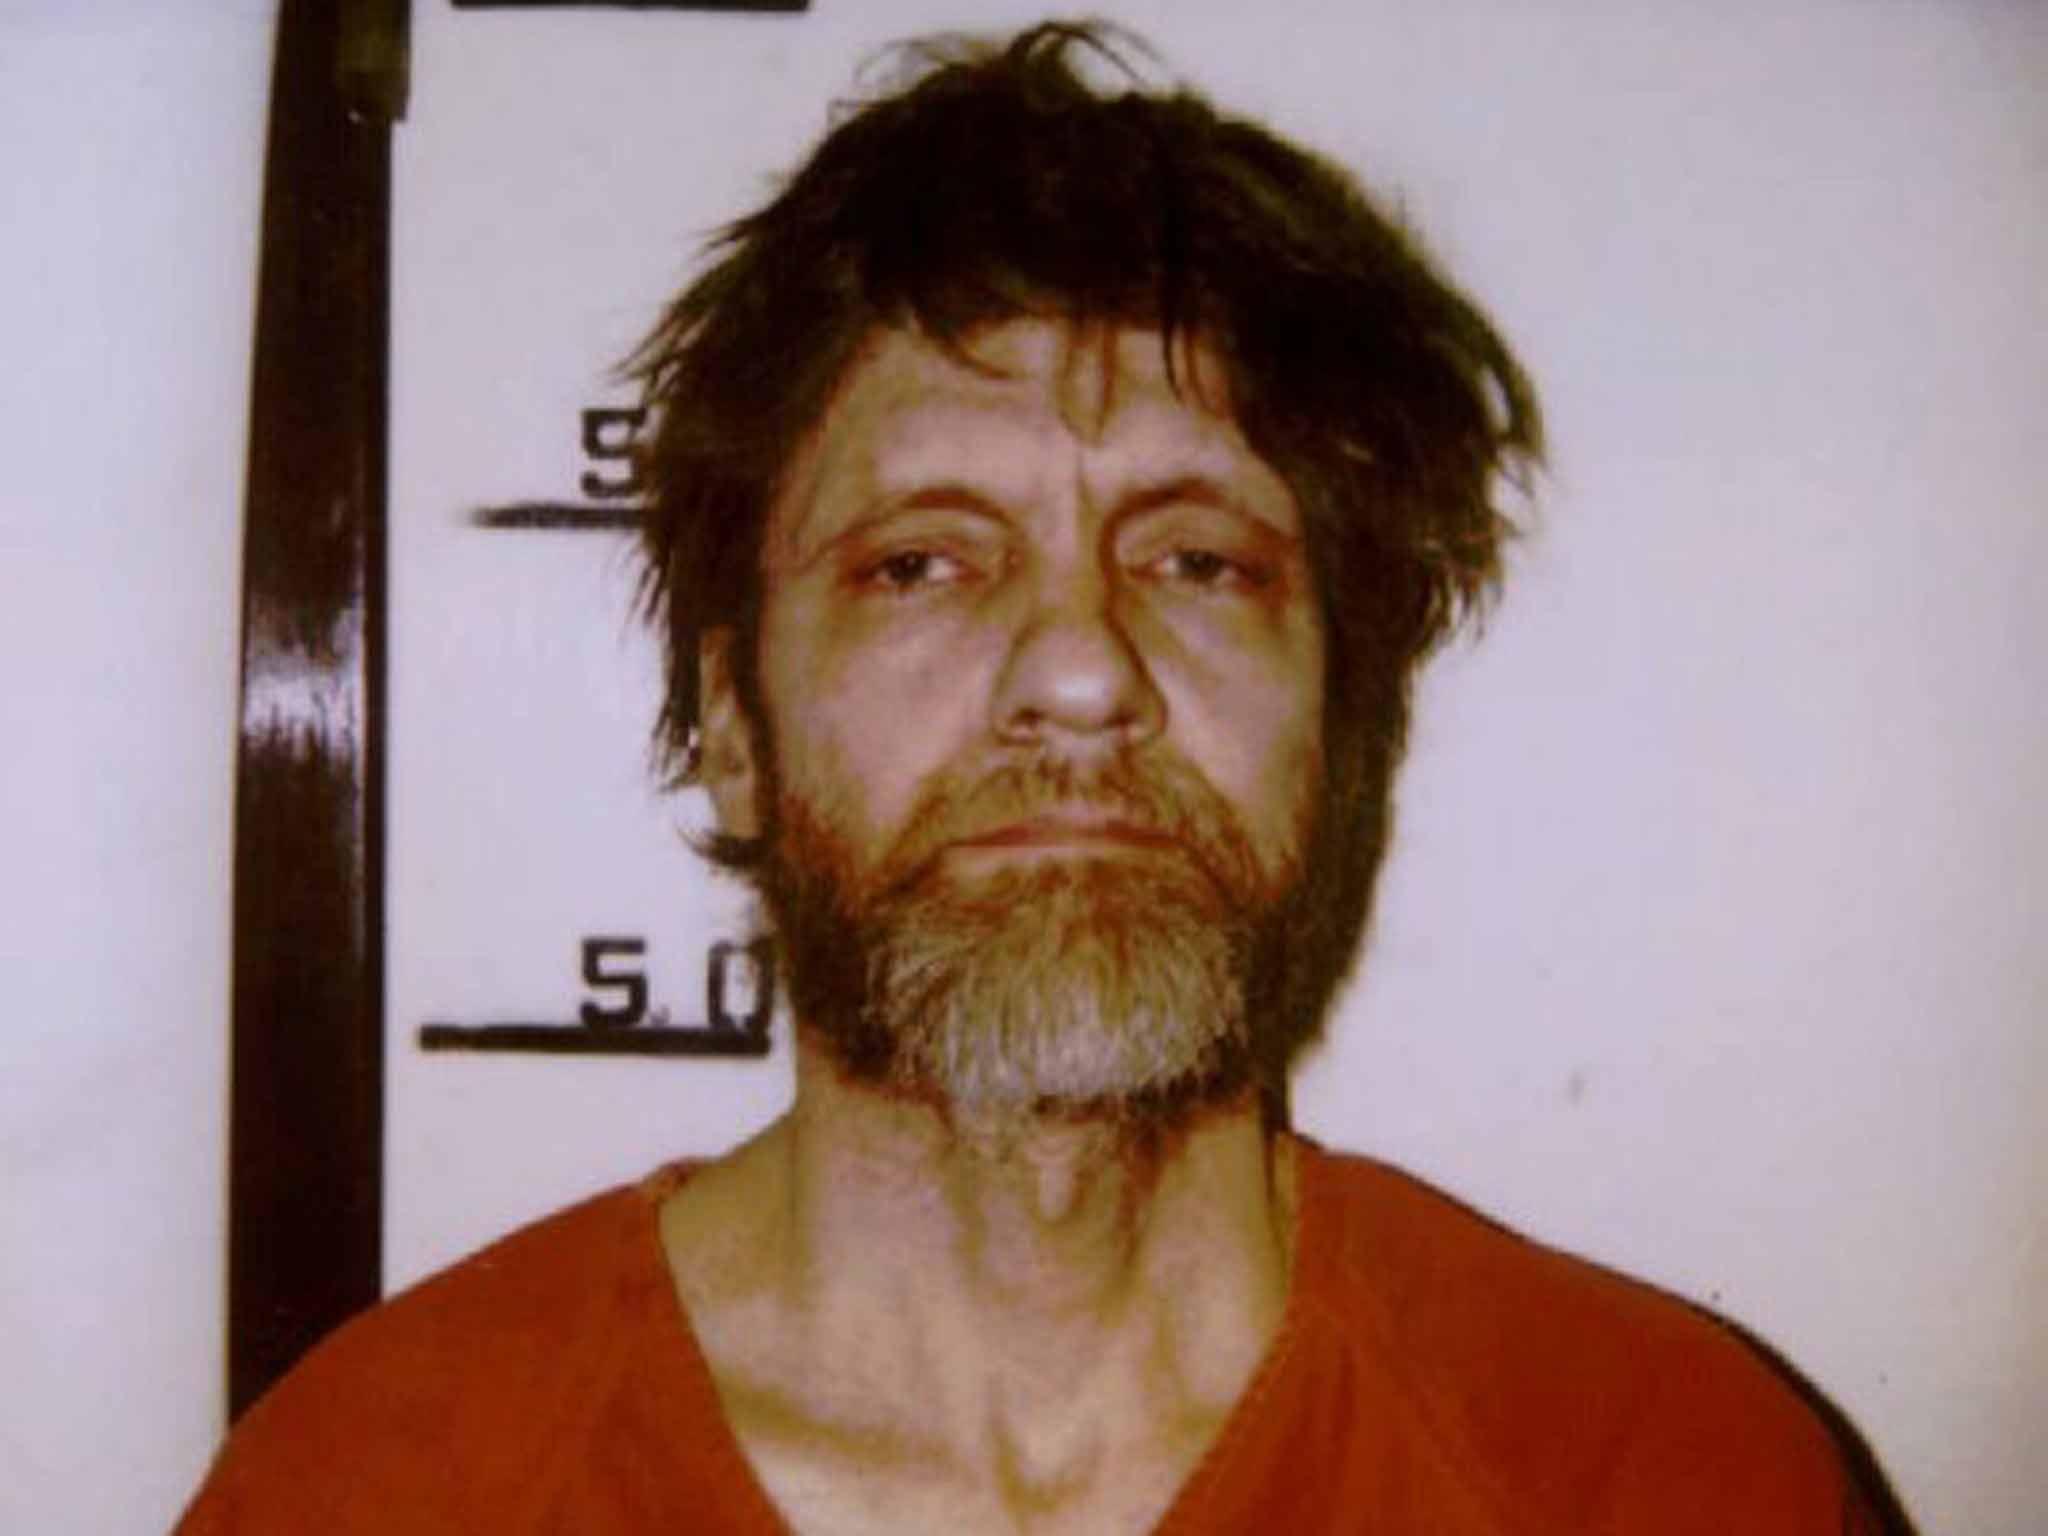 Jihadi John': Why do we give notorious criminals nicknames